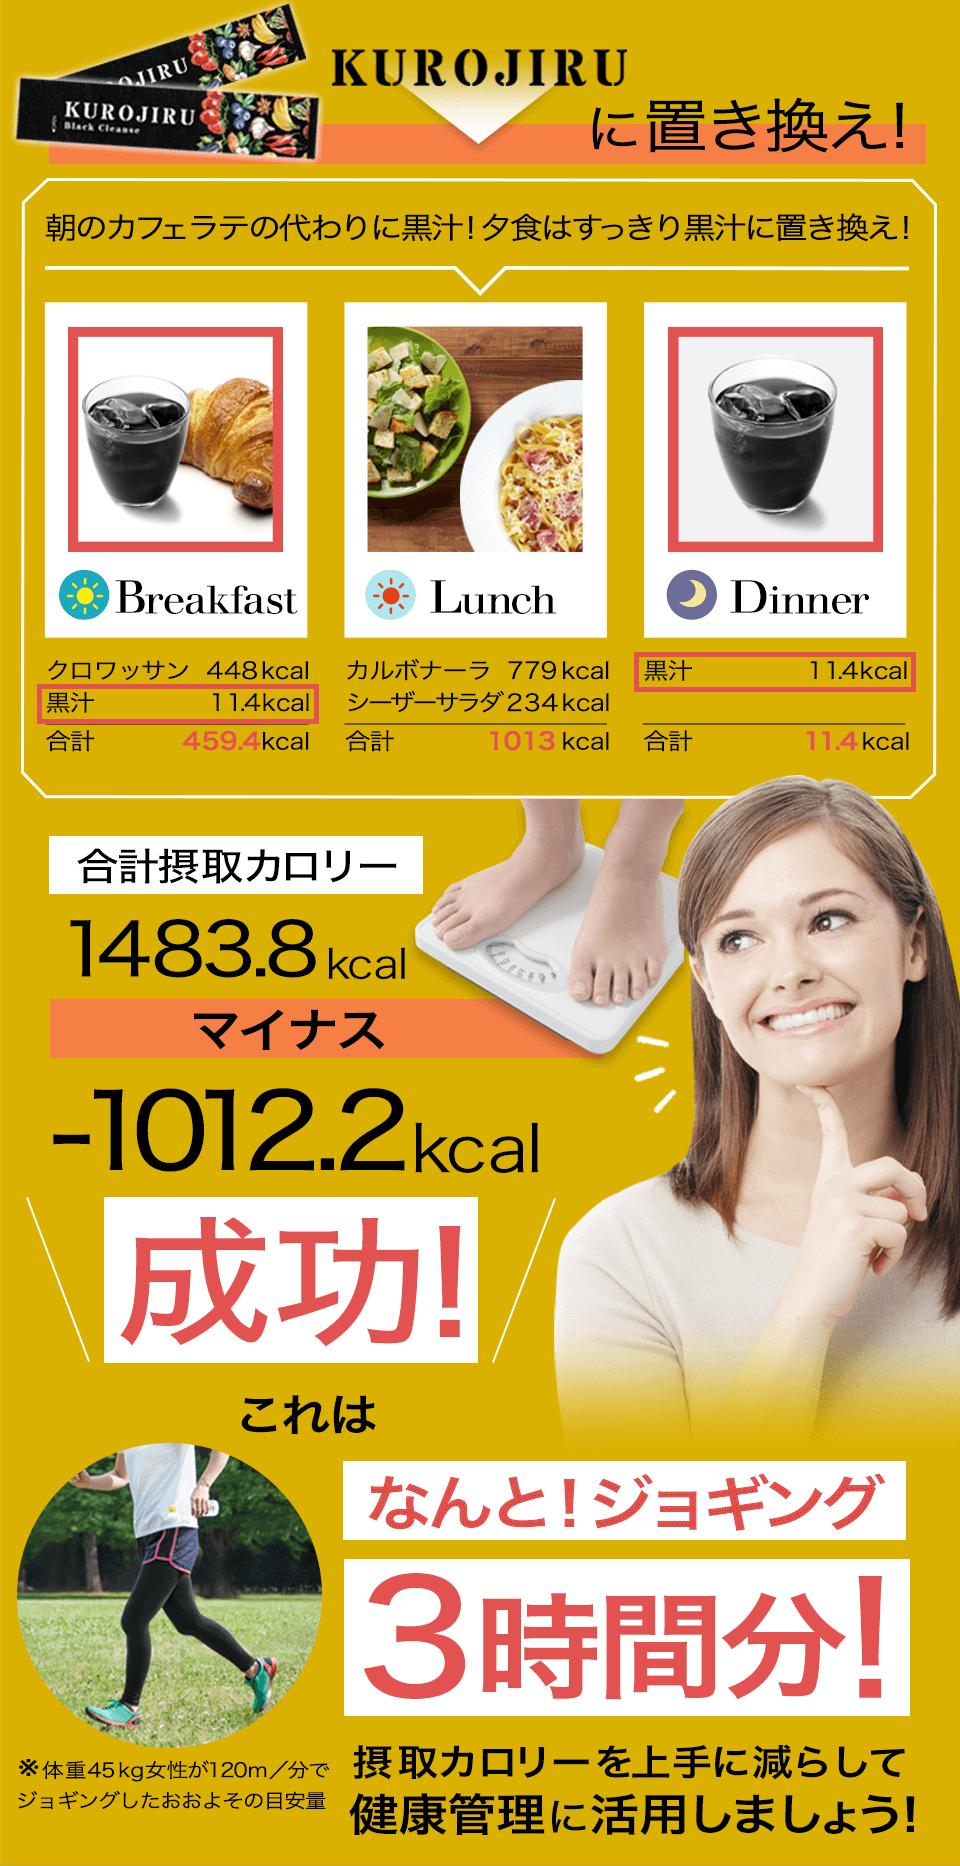 KUROJIRUでお気軽置き換えダイエット例